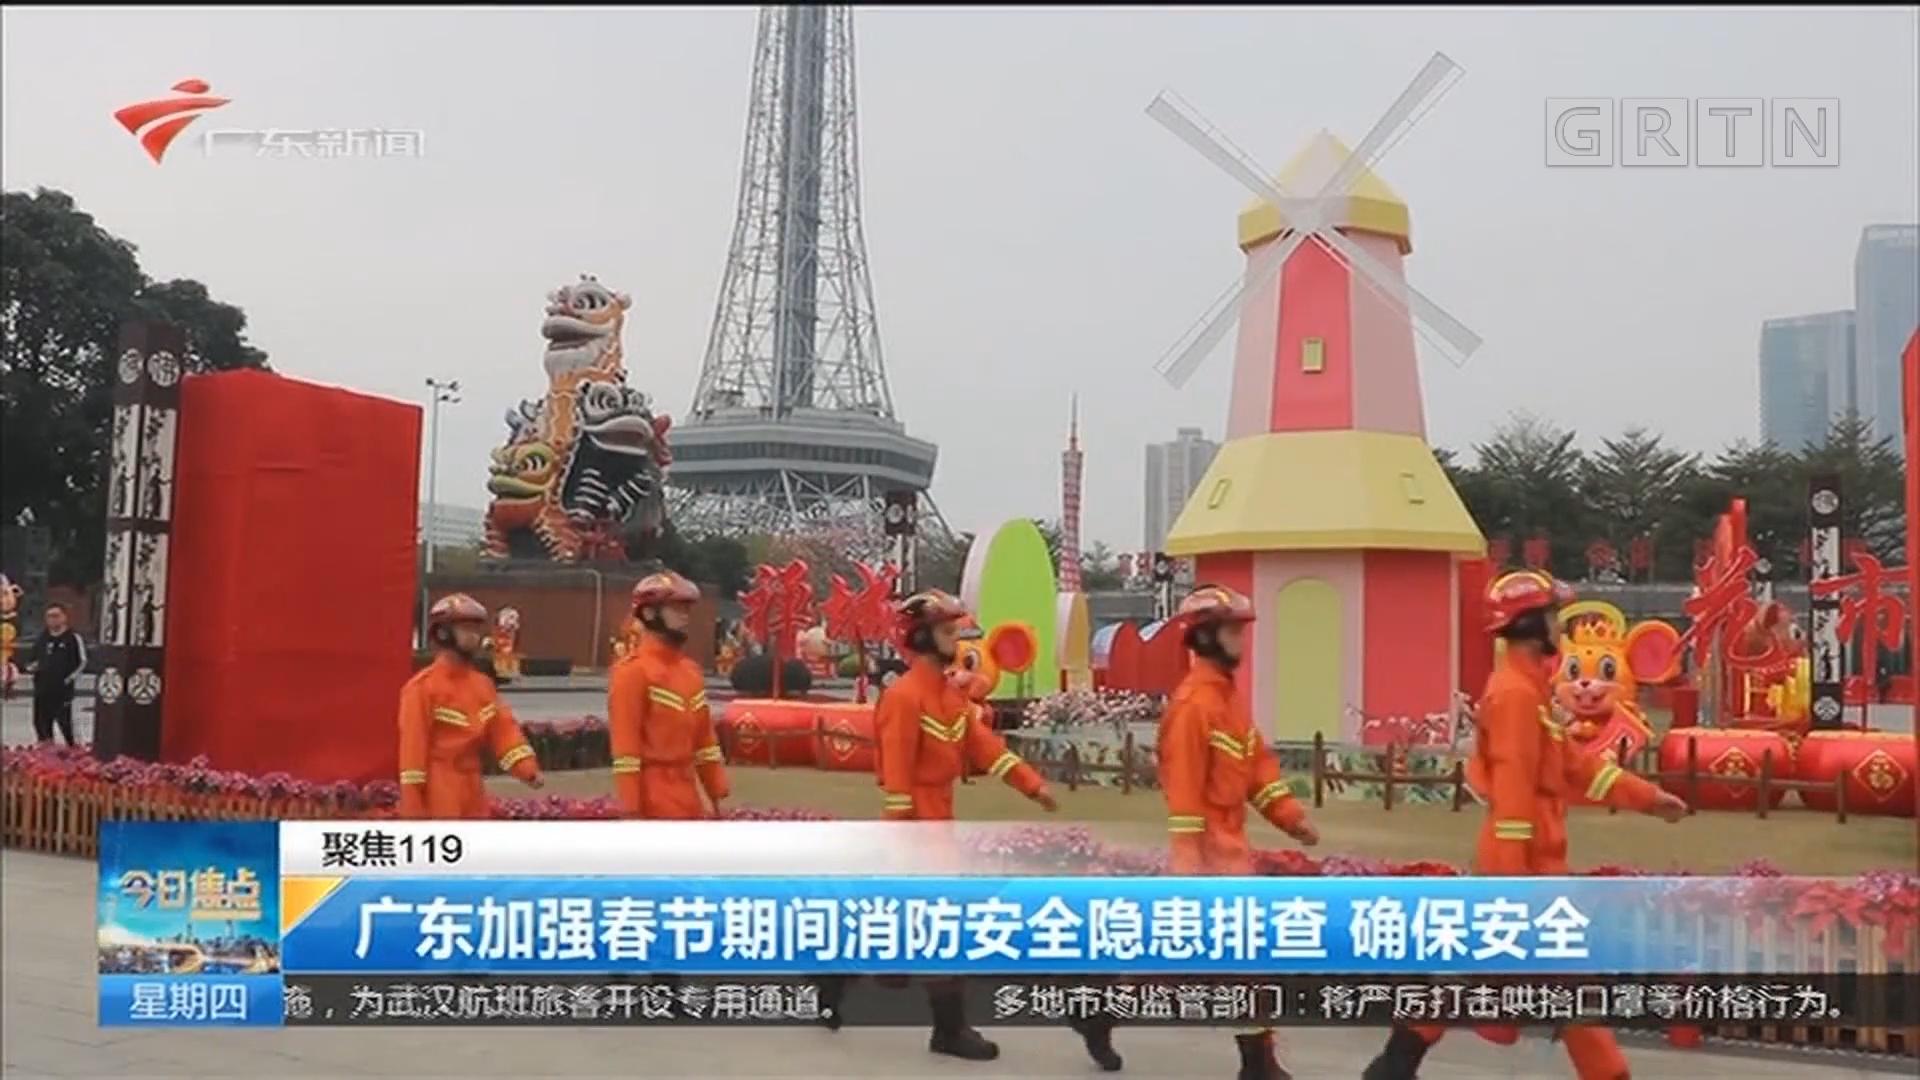 (聚焦119)广东加强春节期间消防安全隐患排查 确保安全